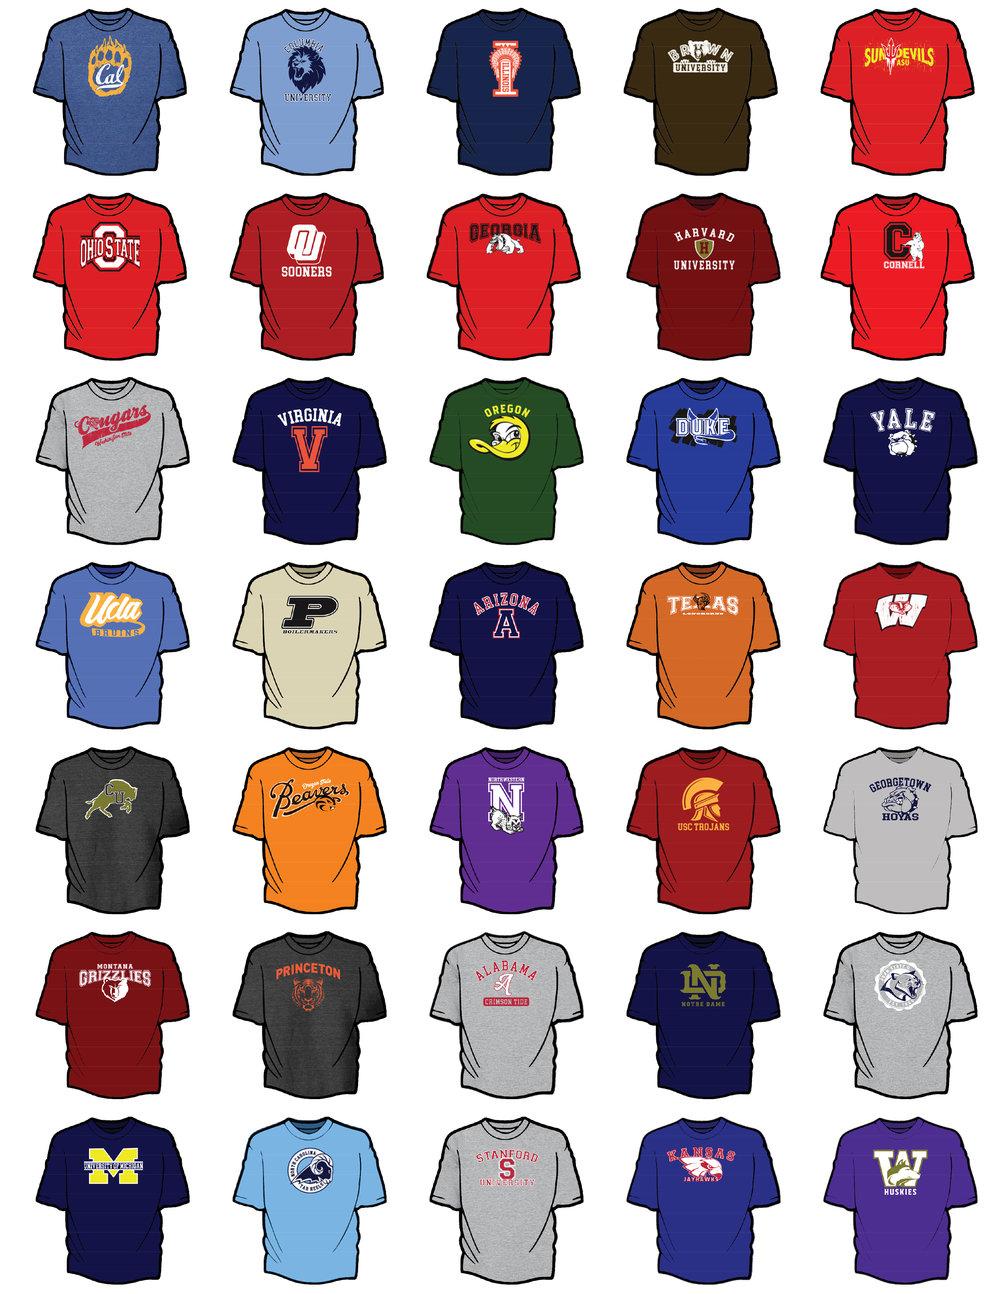 RhodesUniversityShirts.jpg